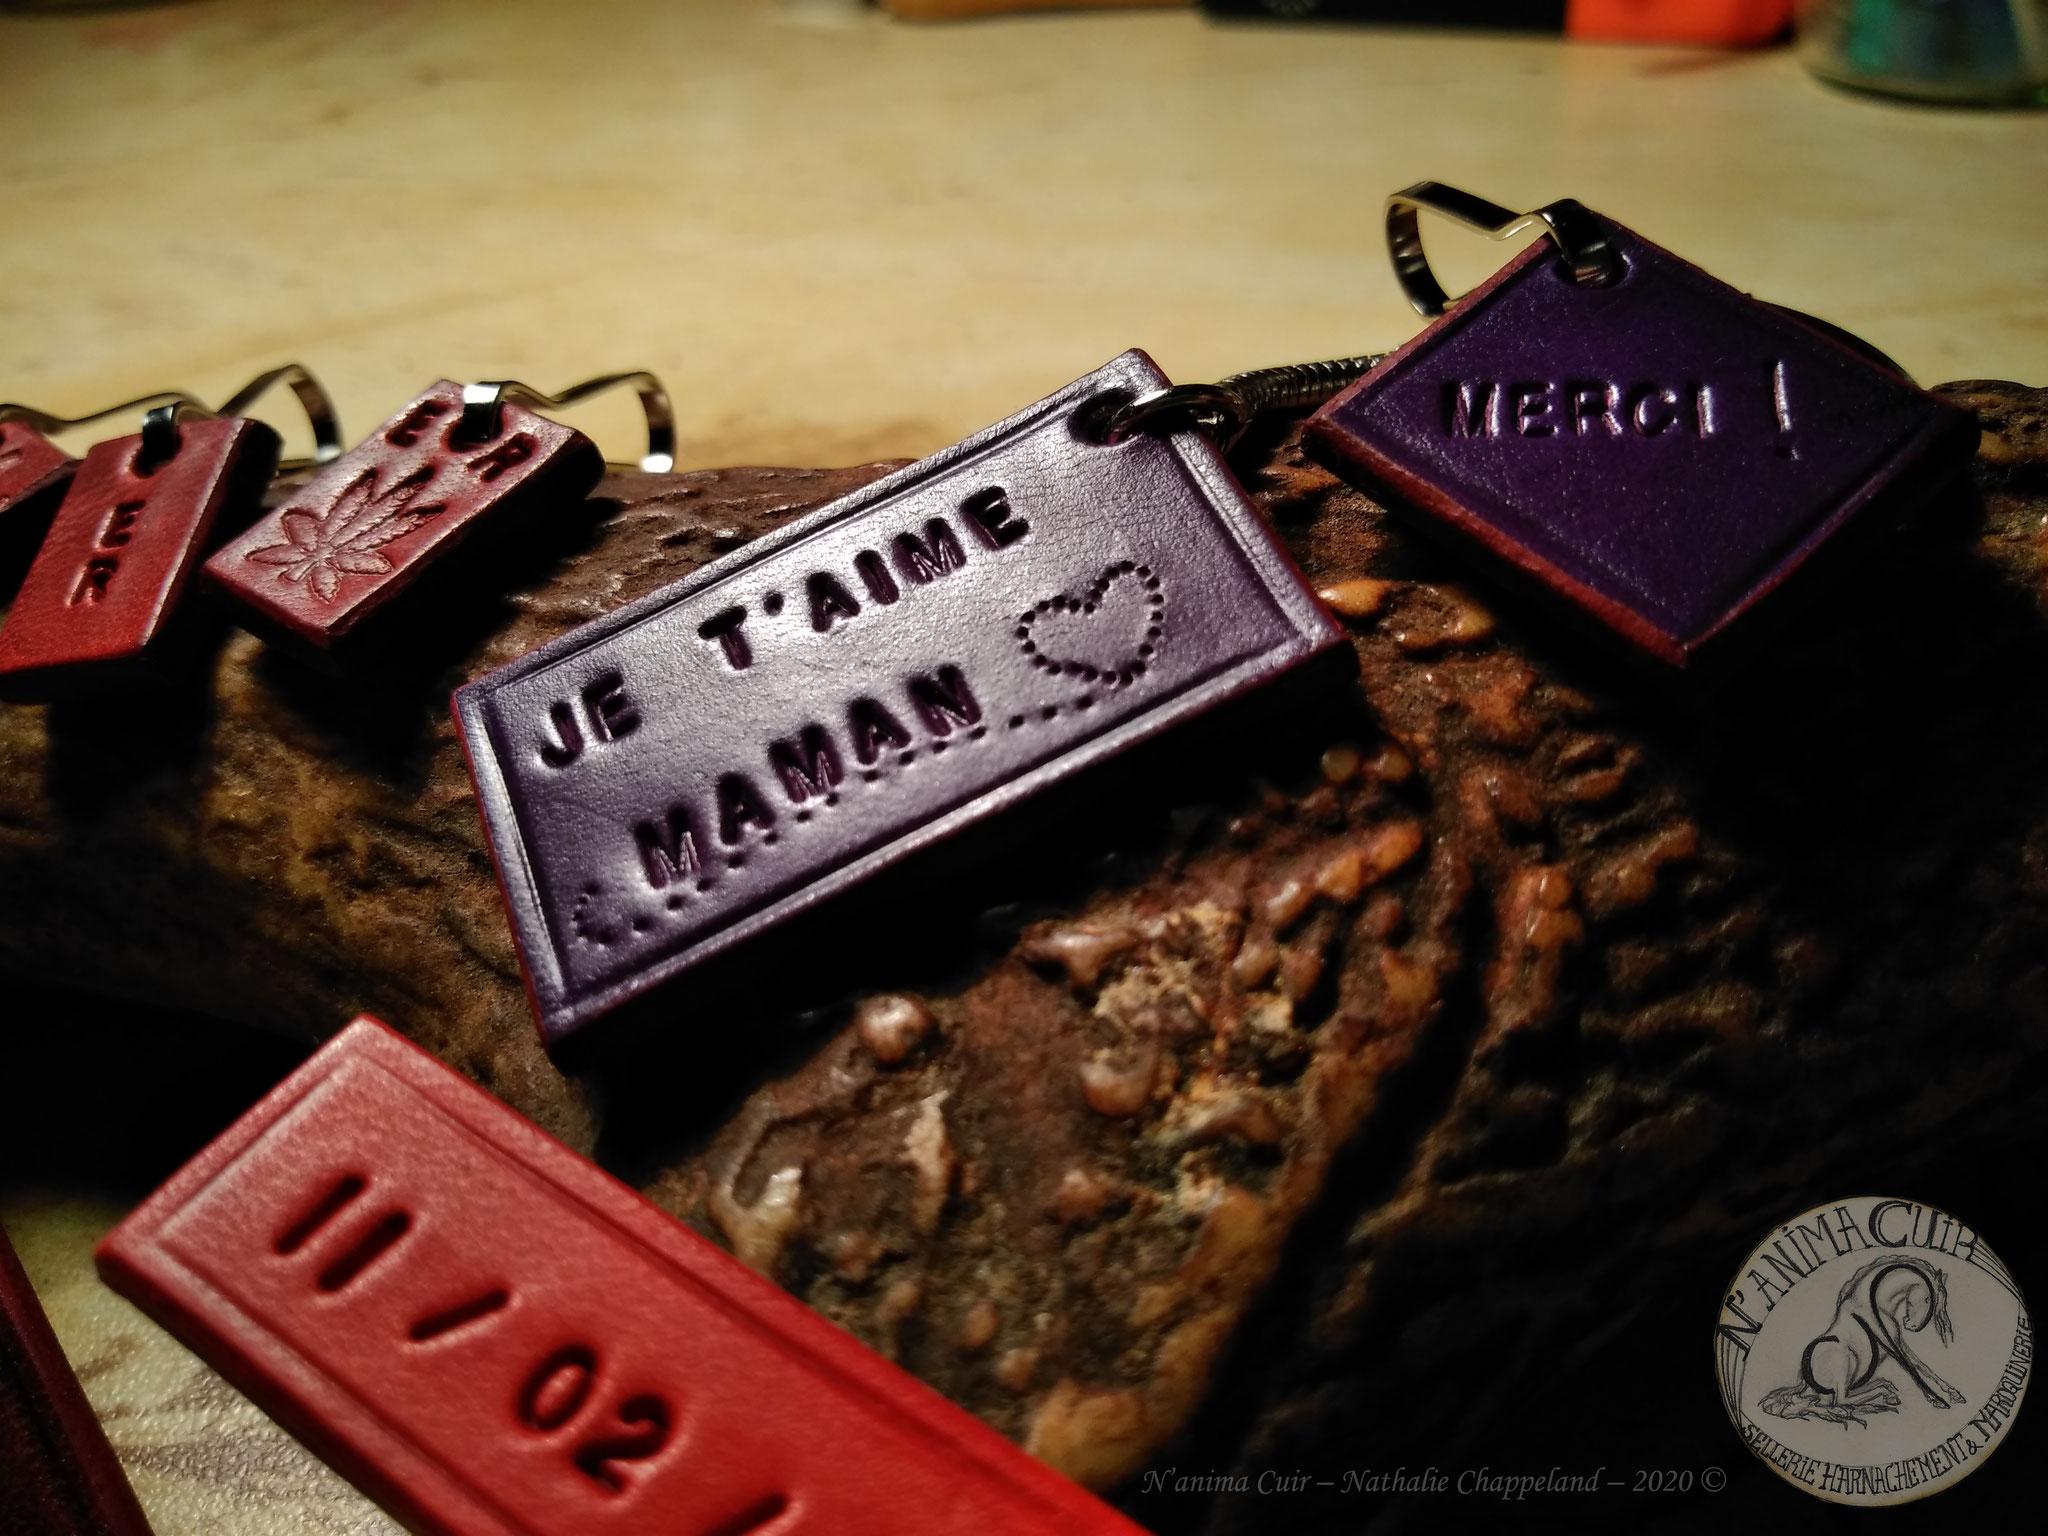 """Porte-clés cuir personnalisés, N'anima Cuir 2020 © Le porte-clé revisité en diverses versions, cuir. ...D'une forme de couleur simple, aux mots doux que l'on fait """"mater"""", en passant par l'humour, le """"pratique"""".. et l' """"important""""."""